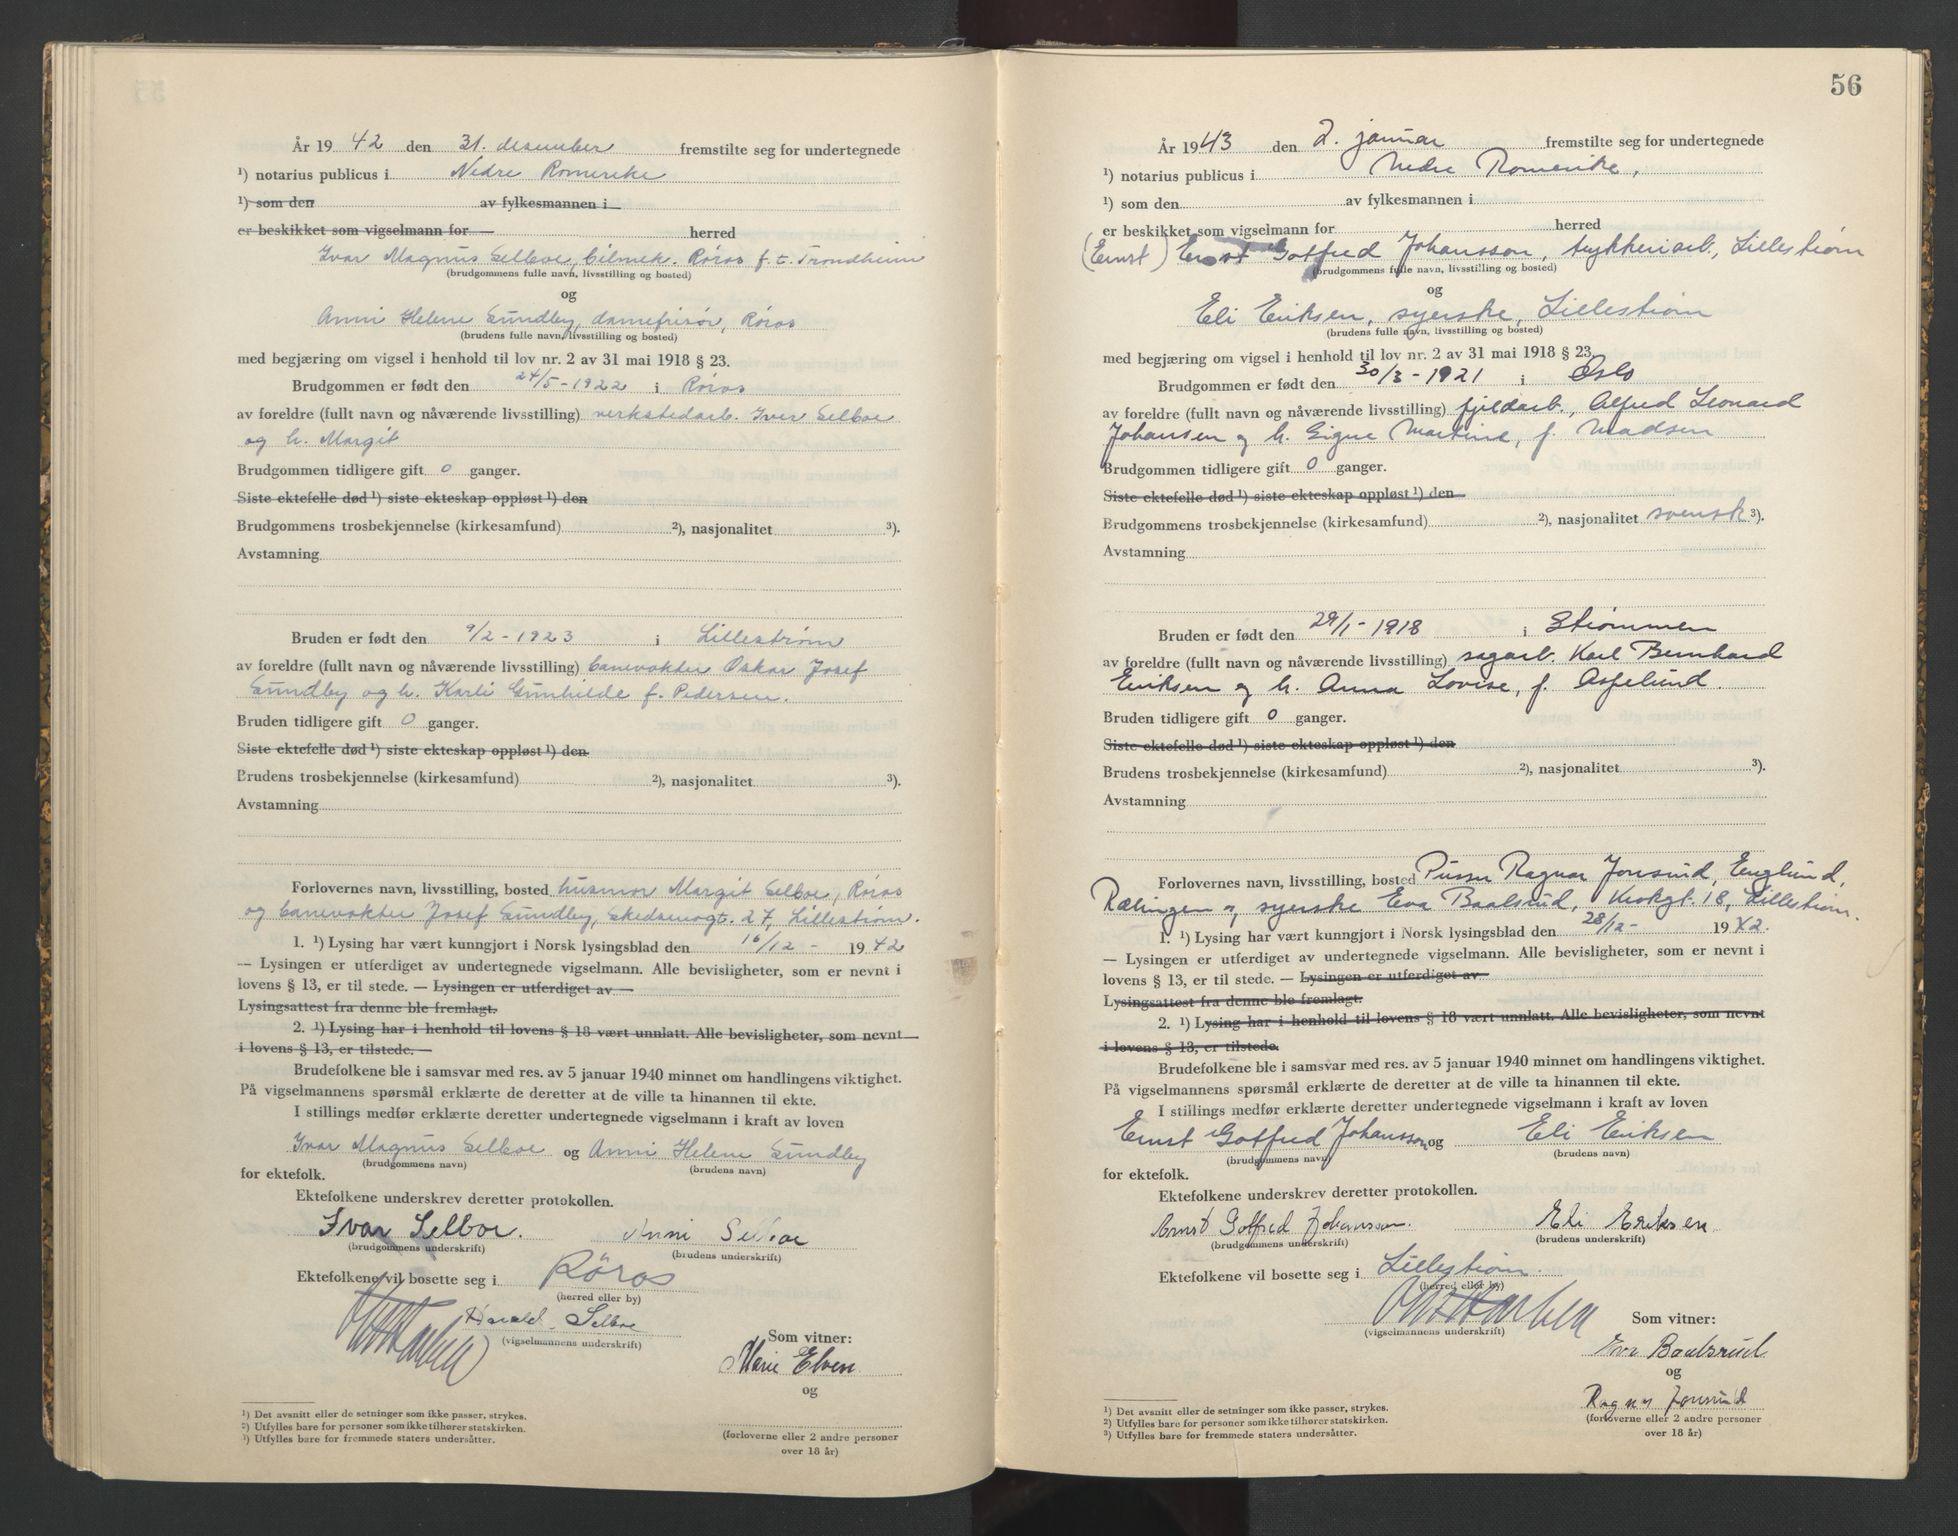 SAO, Nedre Romerike sorenskriveri, L/Lb/L0003: Vigselsbok - borgerlige vielser, 1942-1943, s. 56